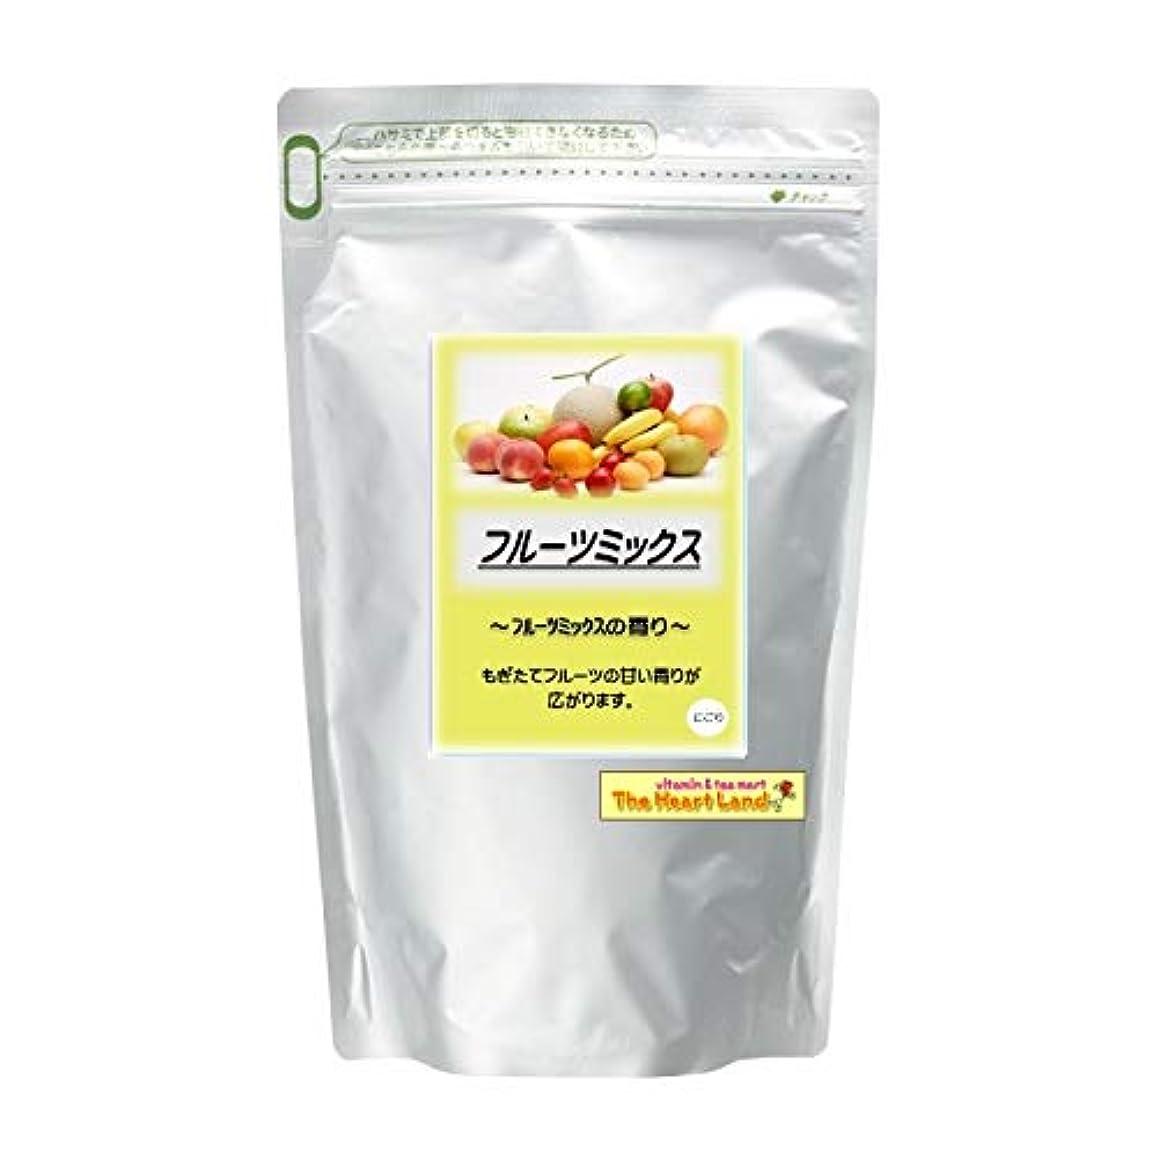 つづり通信する活気づくアサヒ入浴剤 浴用入浴化粧品 フルーツミックス 300g